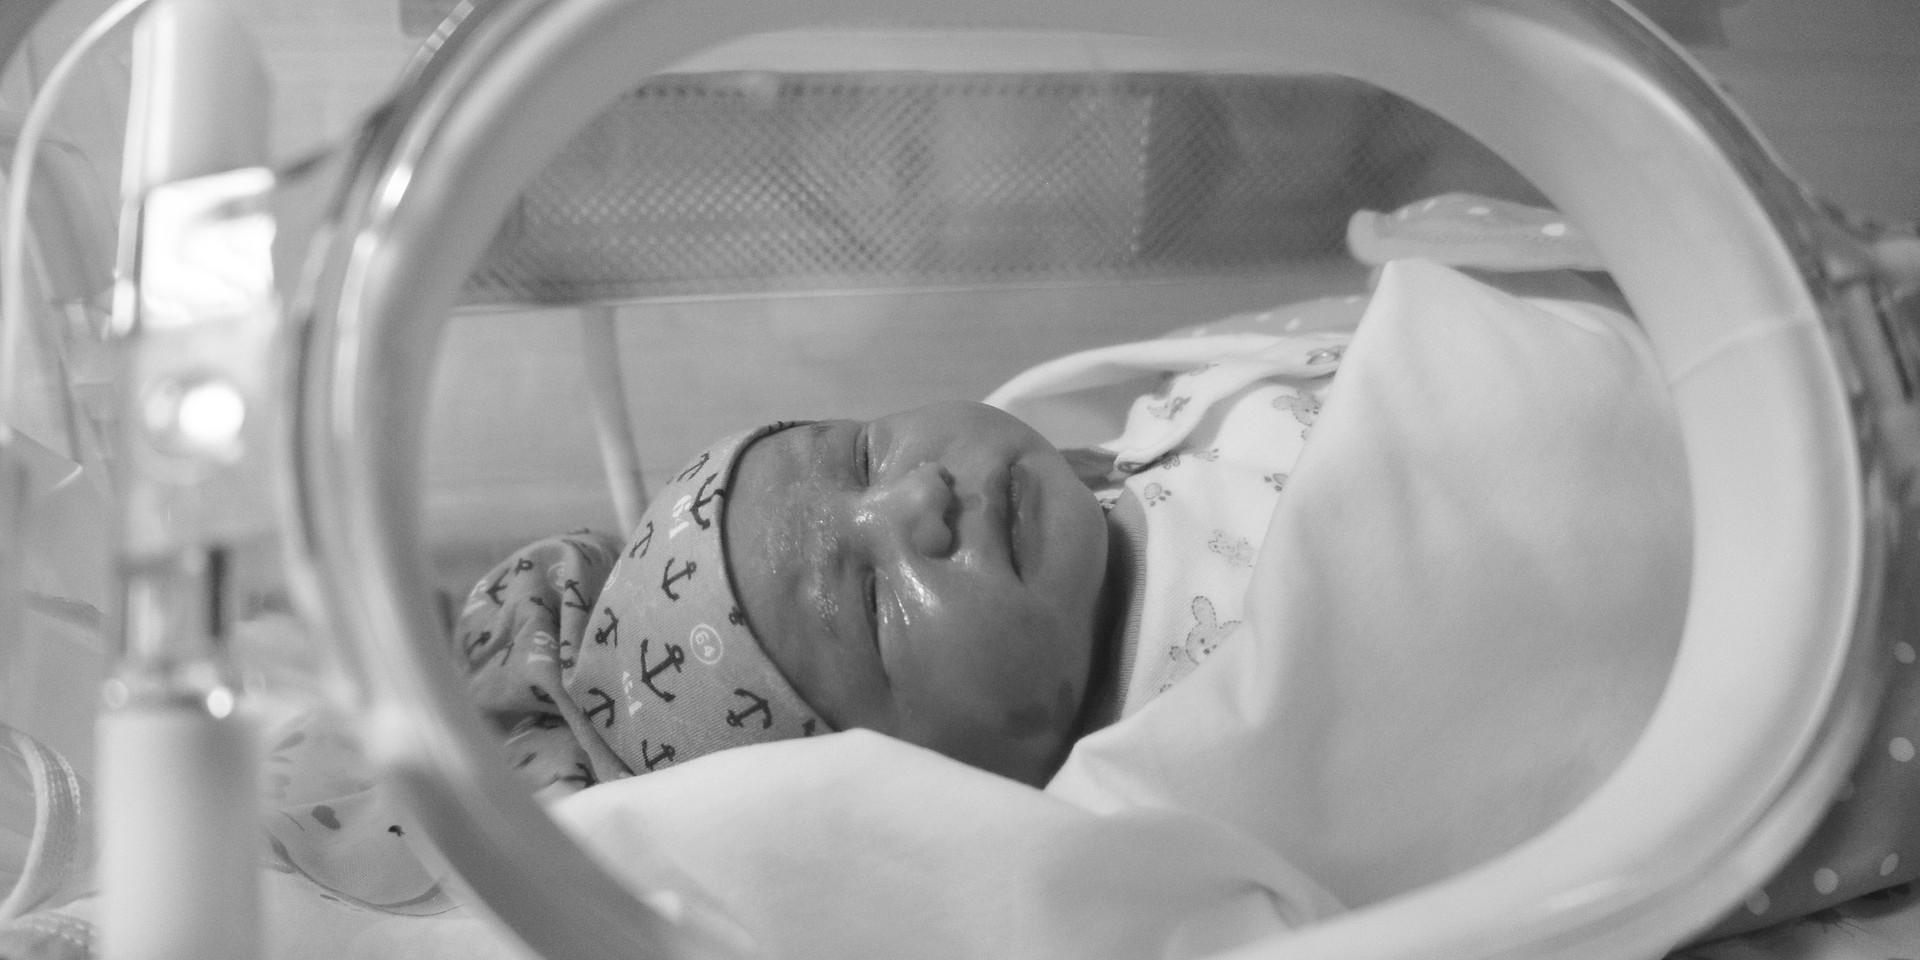 NEVJEROJATNA TUGA: Kako ću ja dalje? Supruga je dobila koronu i umrla dok je rađala. Spašavala je našu bebu